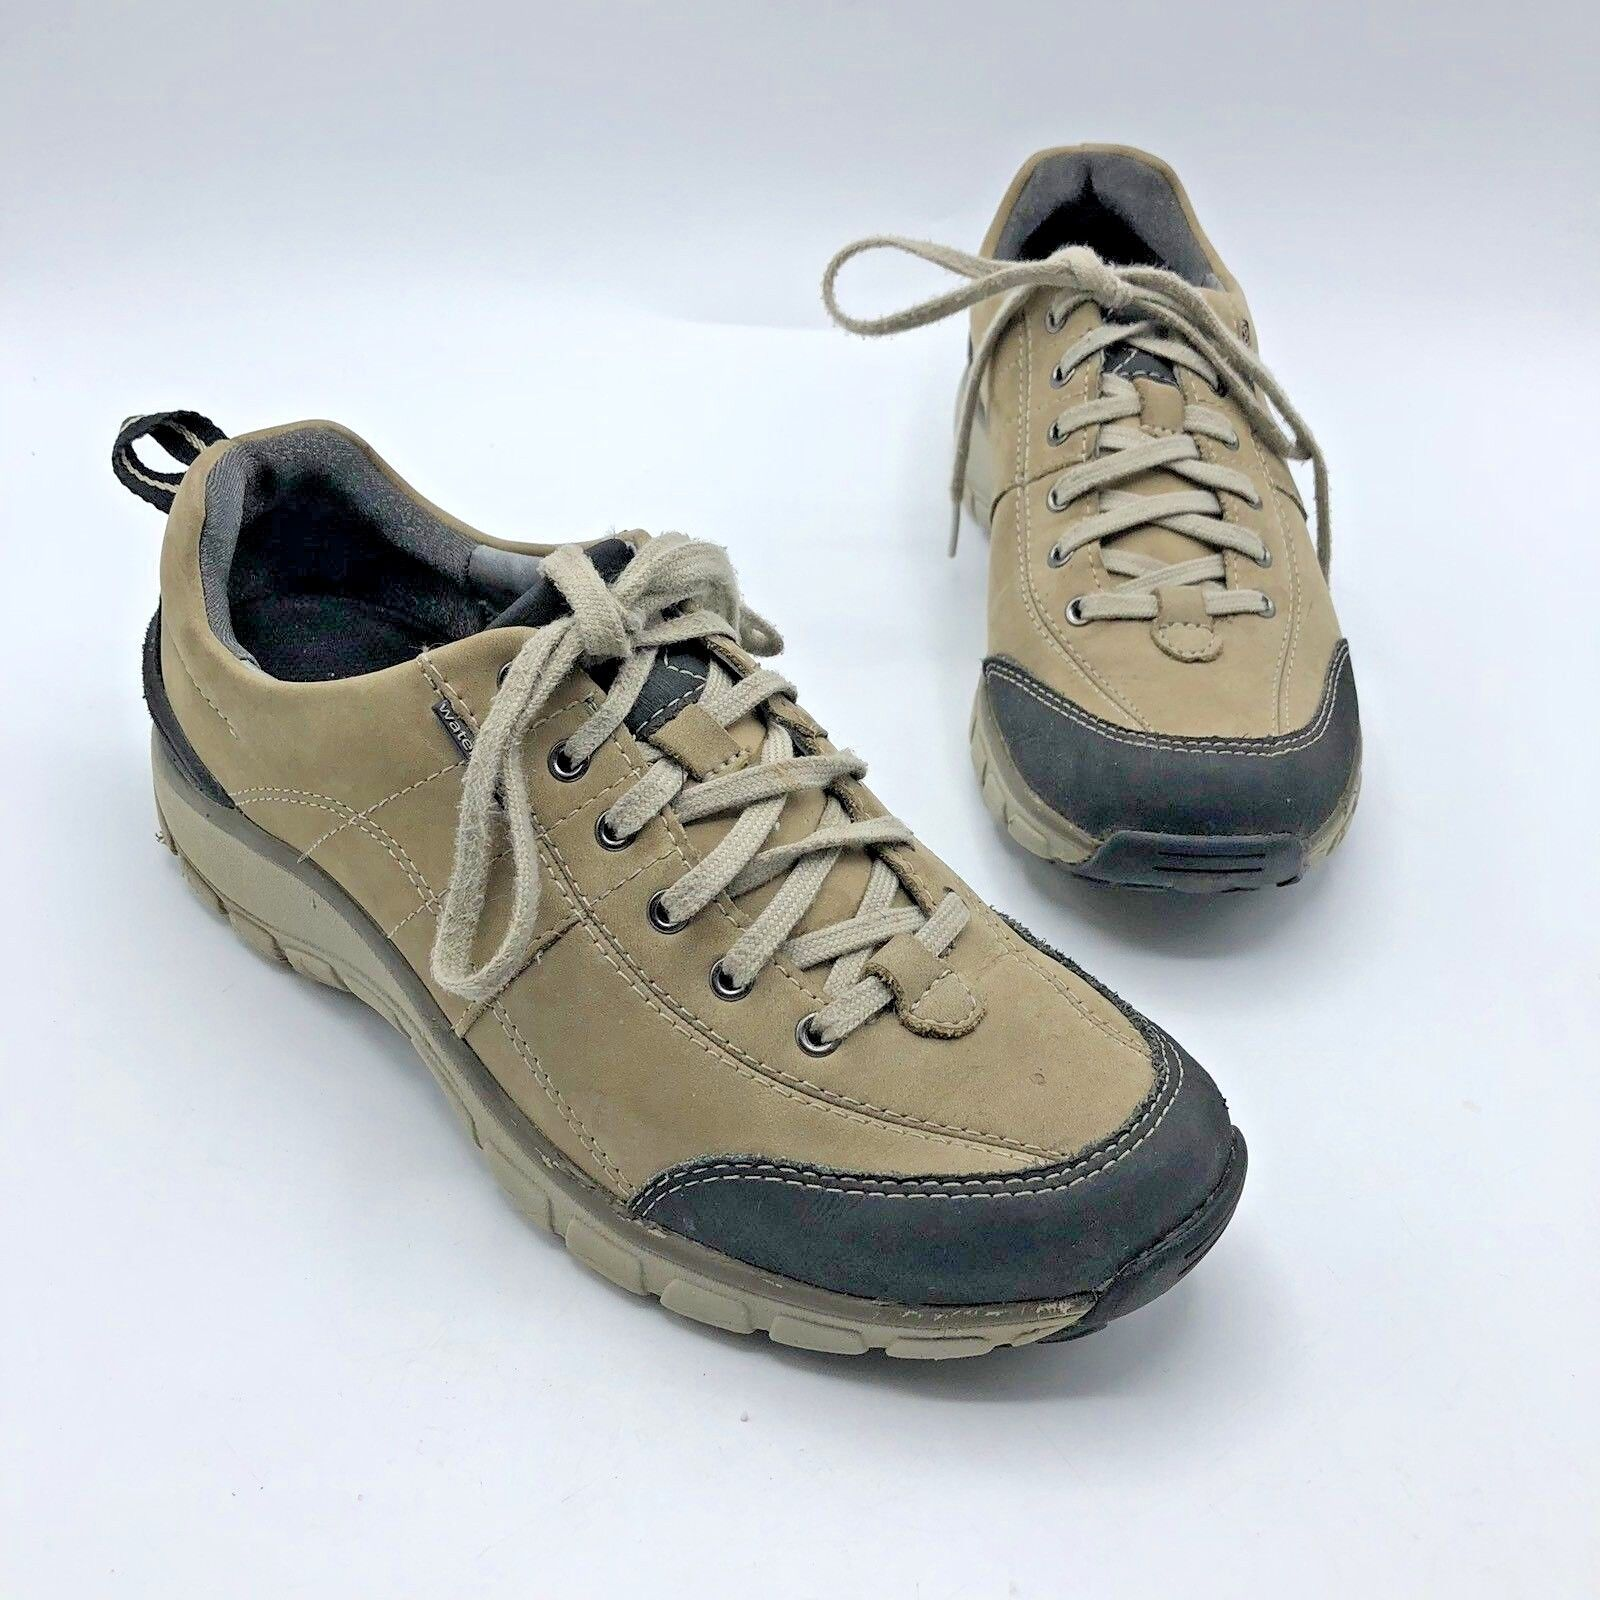 Clarks Wave Walk 26100949 Women Tan Waterproof Walking shoes Size 7.5M Pre Owned